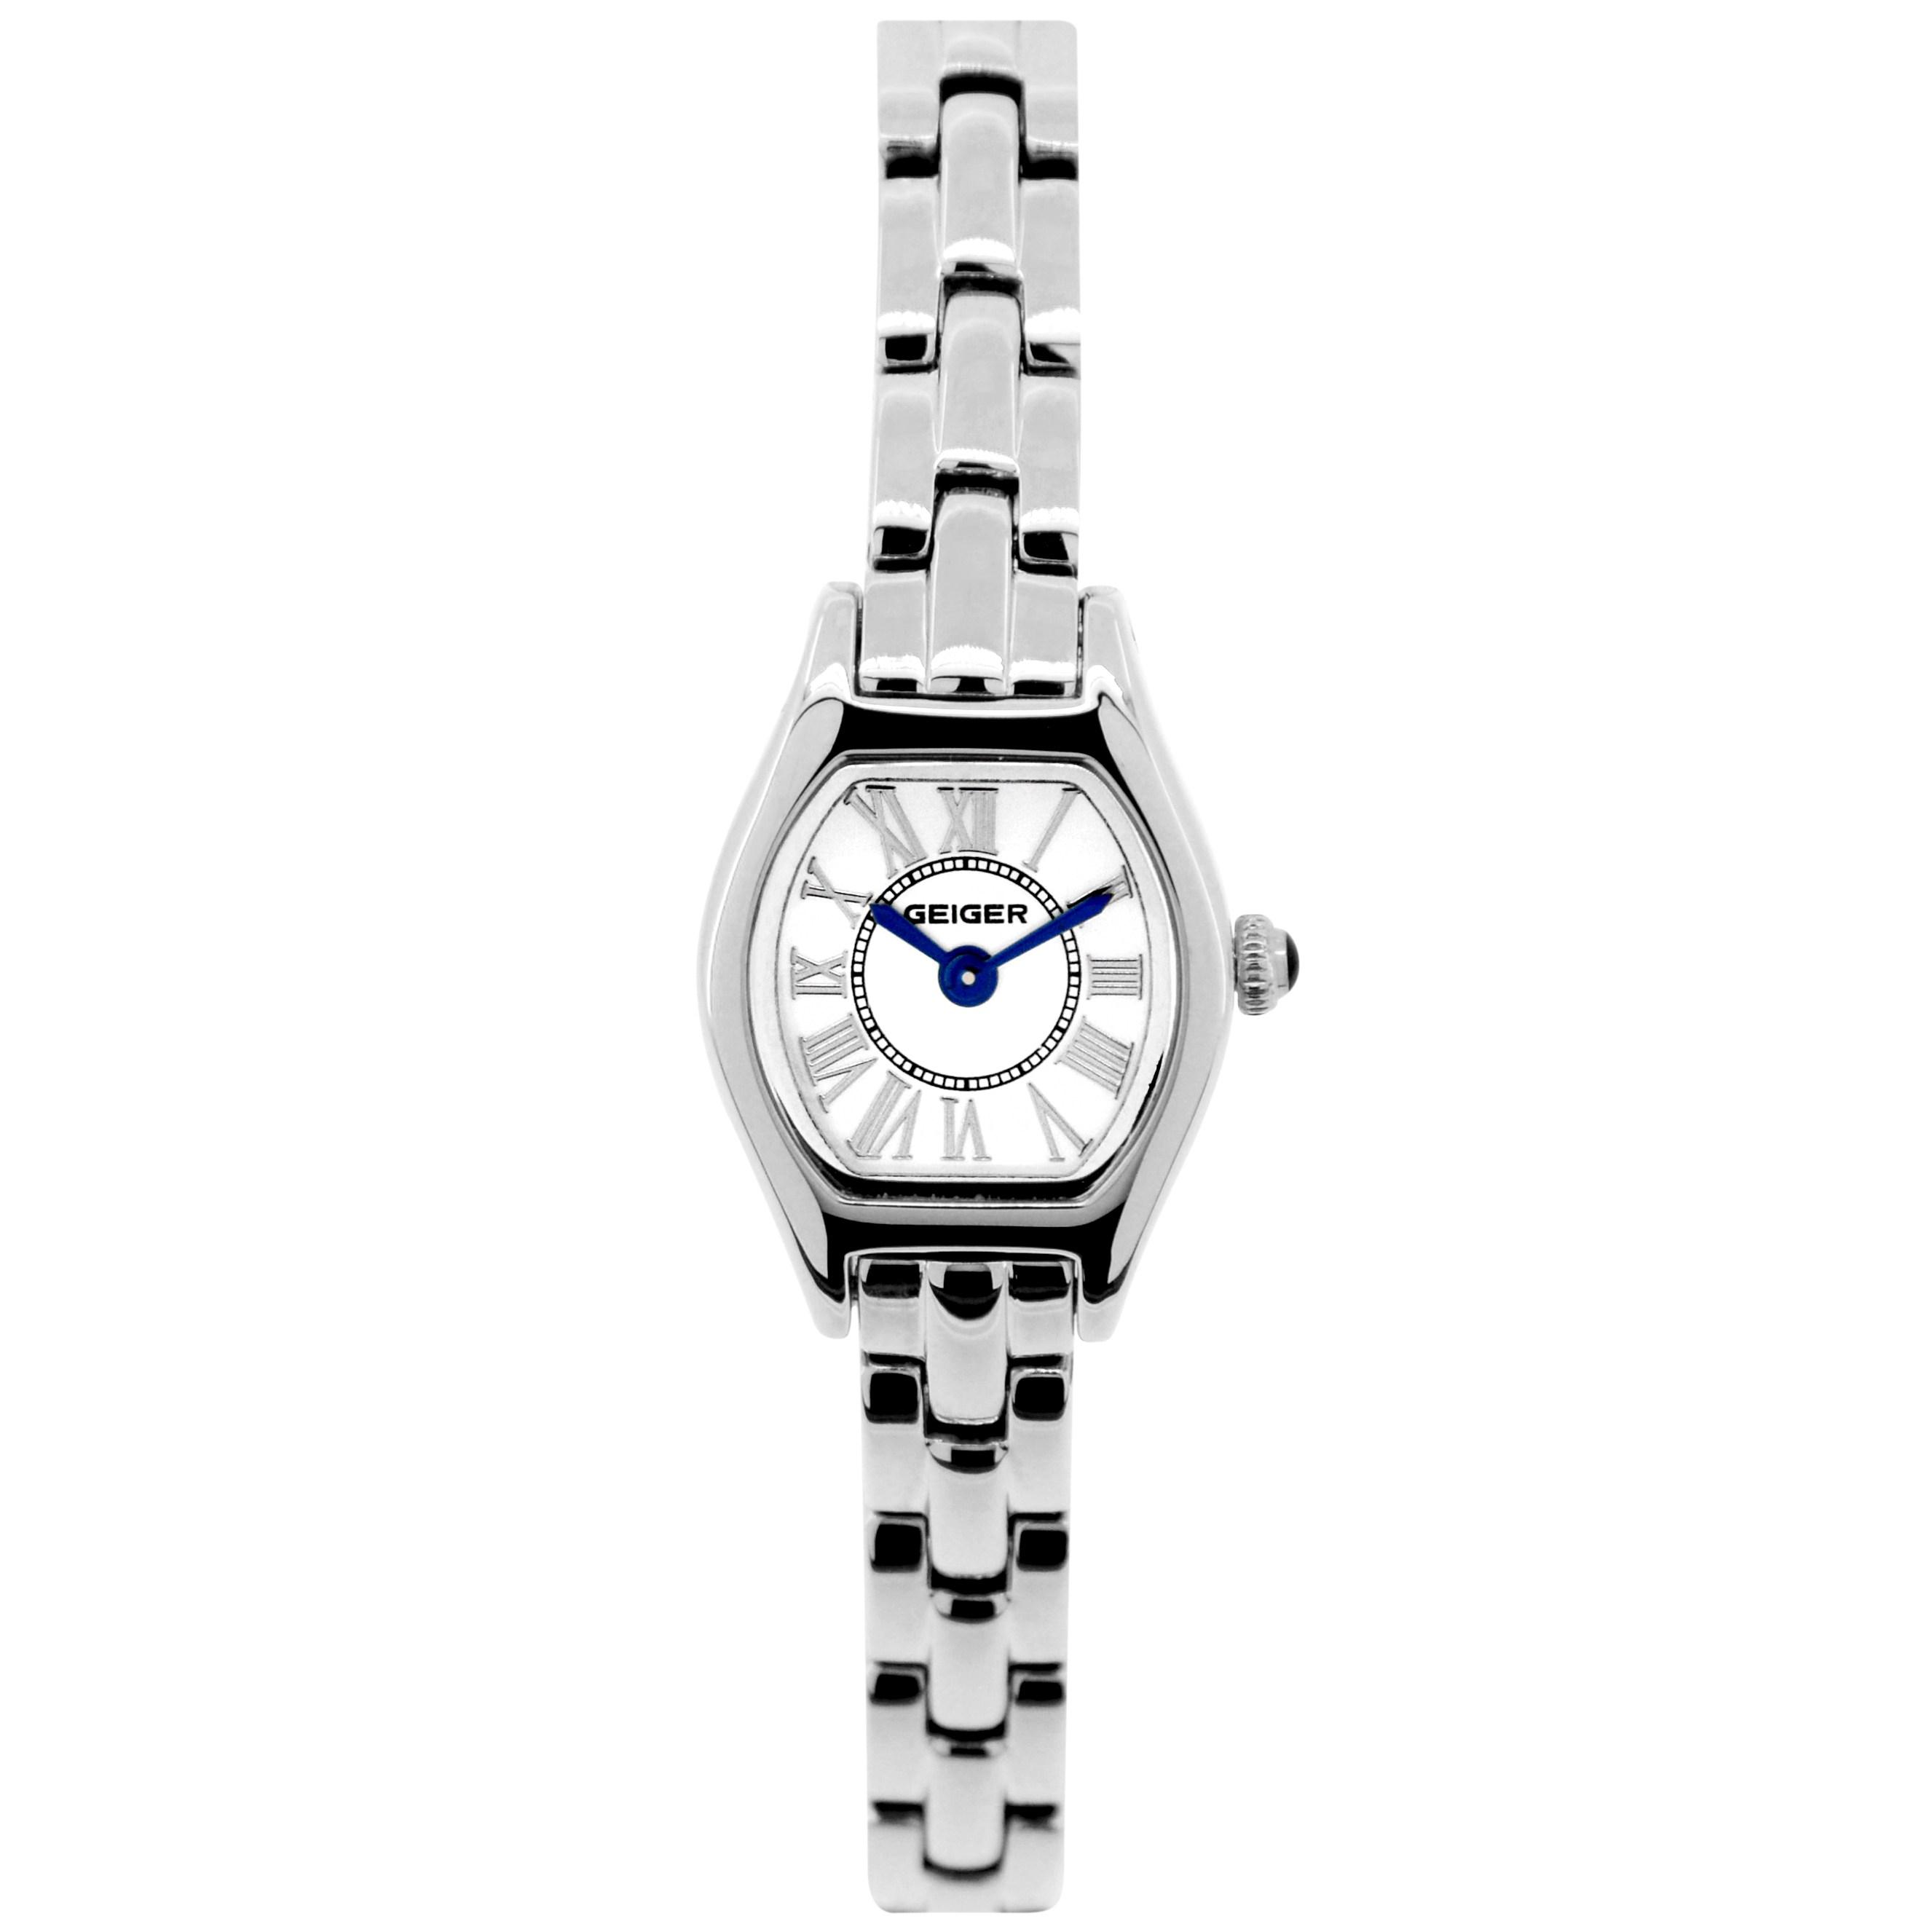 가이거(GEIGER) [백화점 AS] 가이거 여성용 시계 GE 399 RG WS